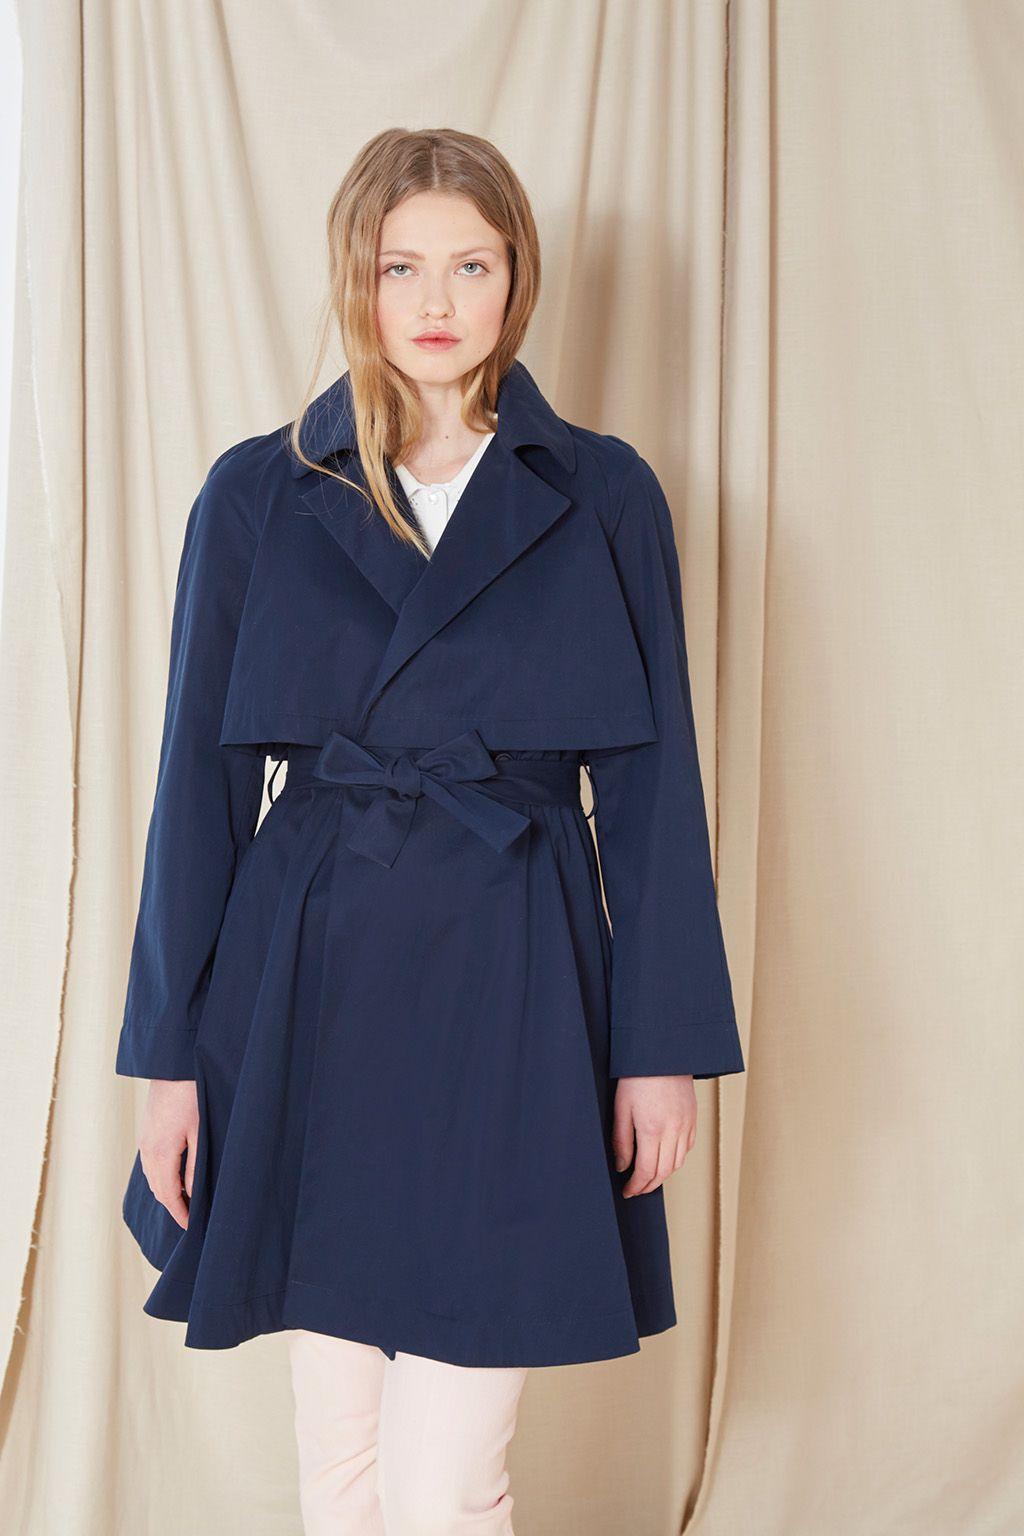 Abrigo azul noche